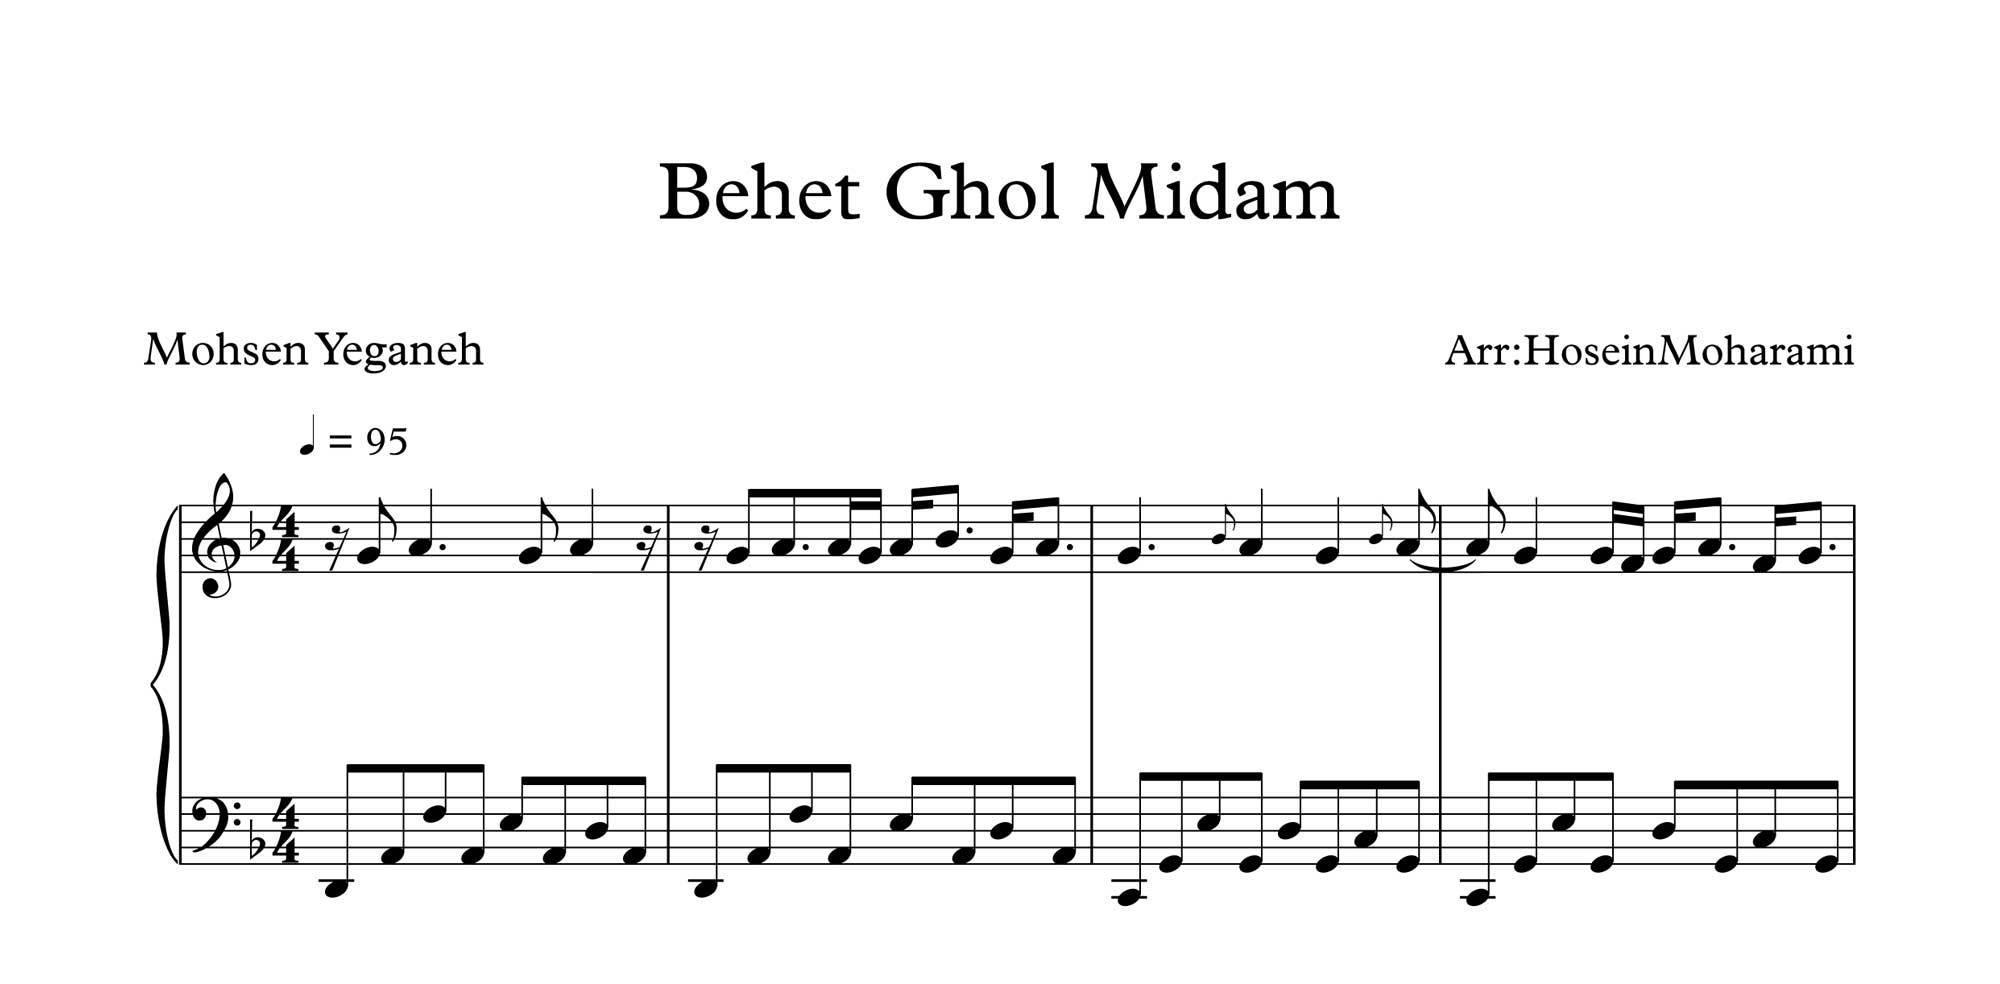 نت پیانوی بهت قول میدم از حسین محرمی